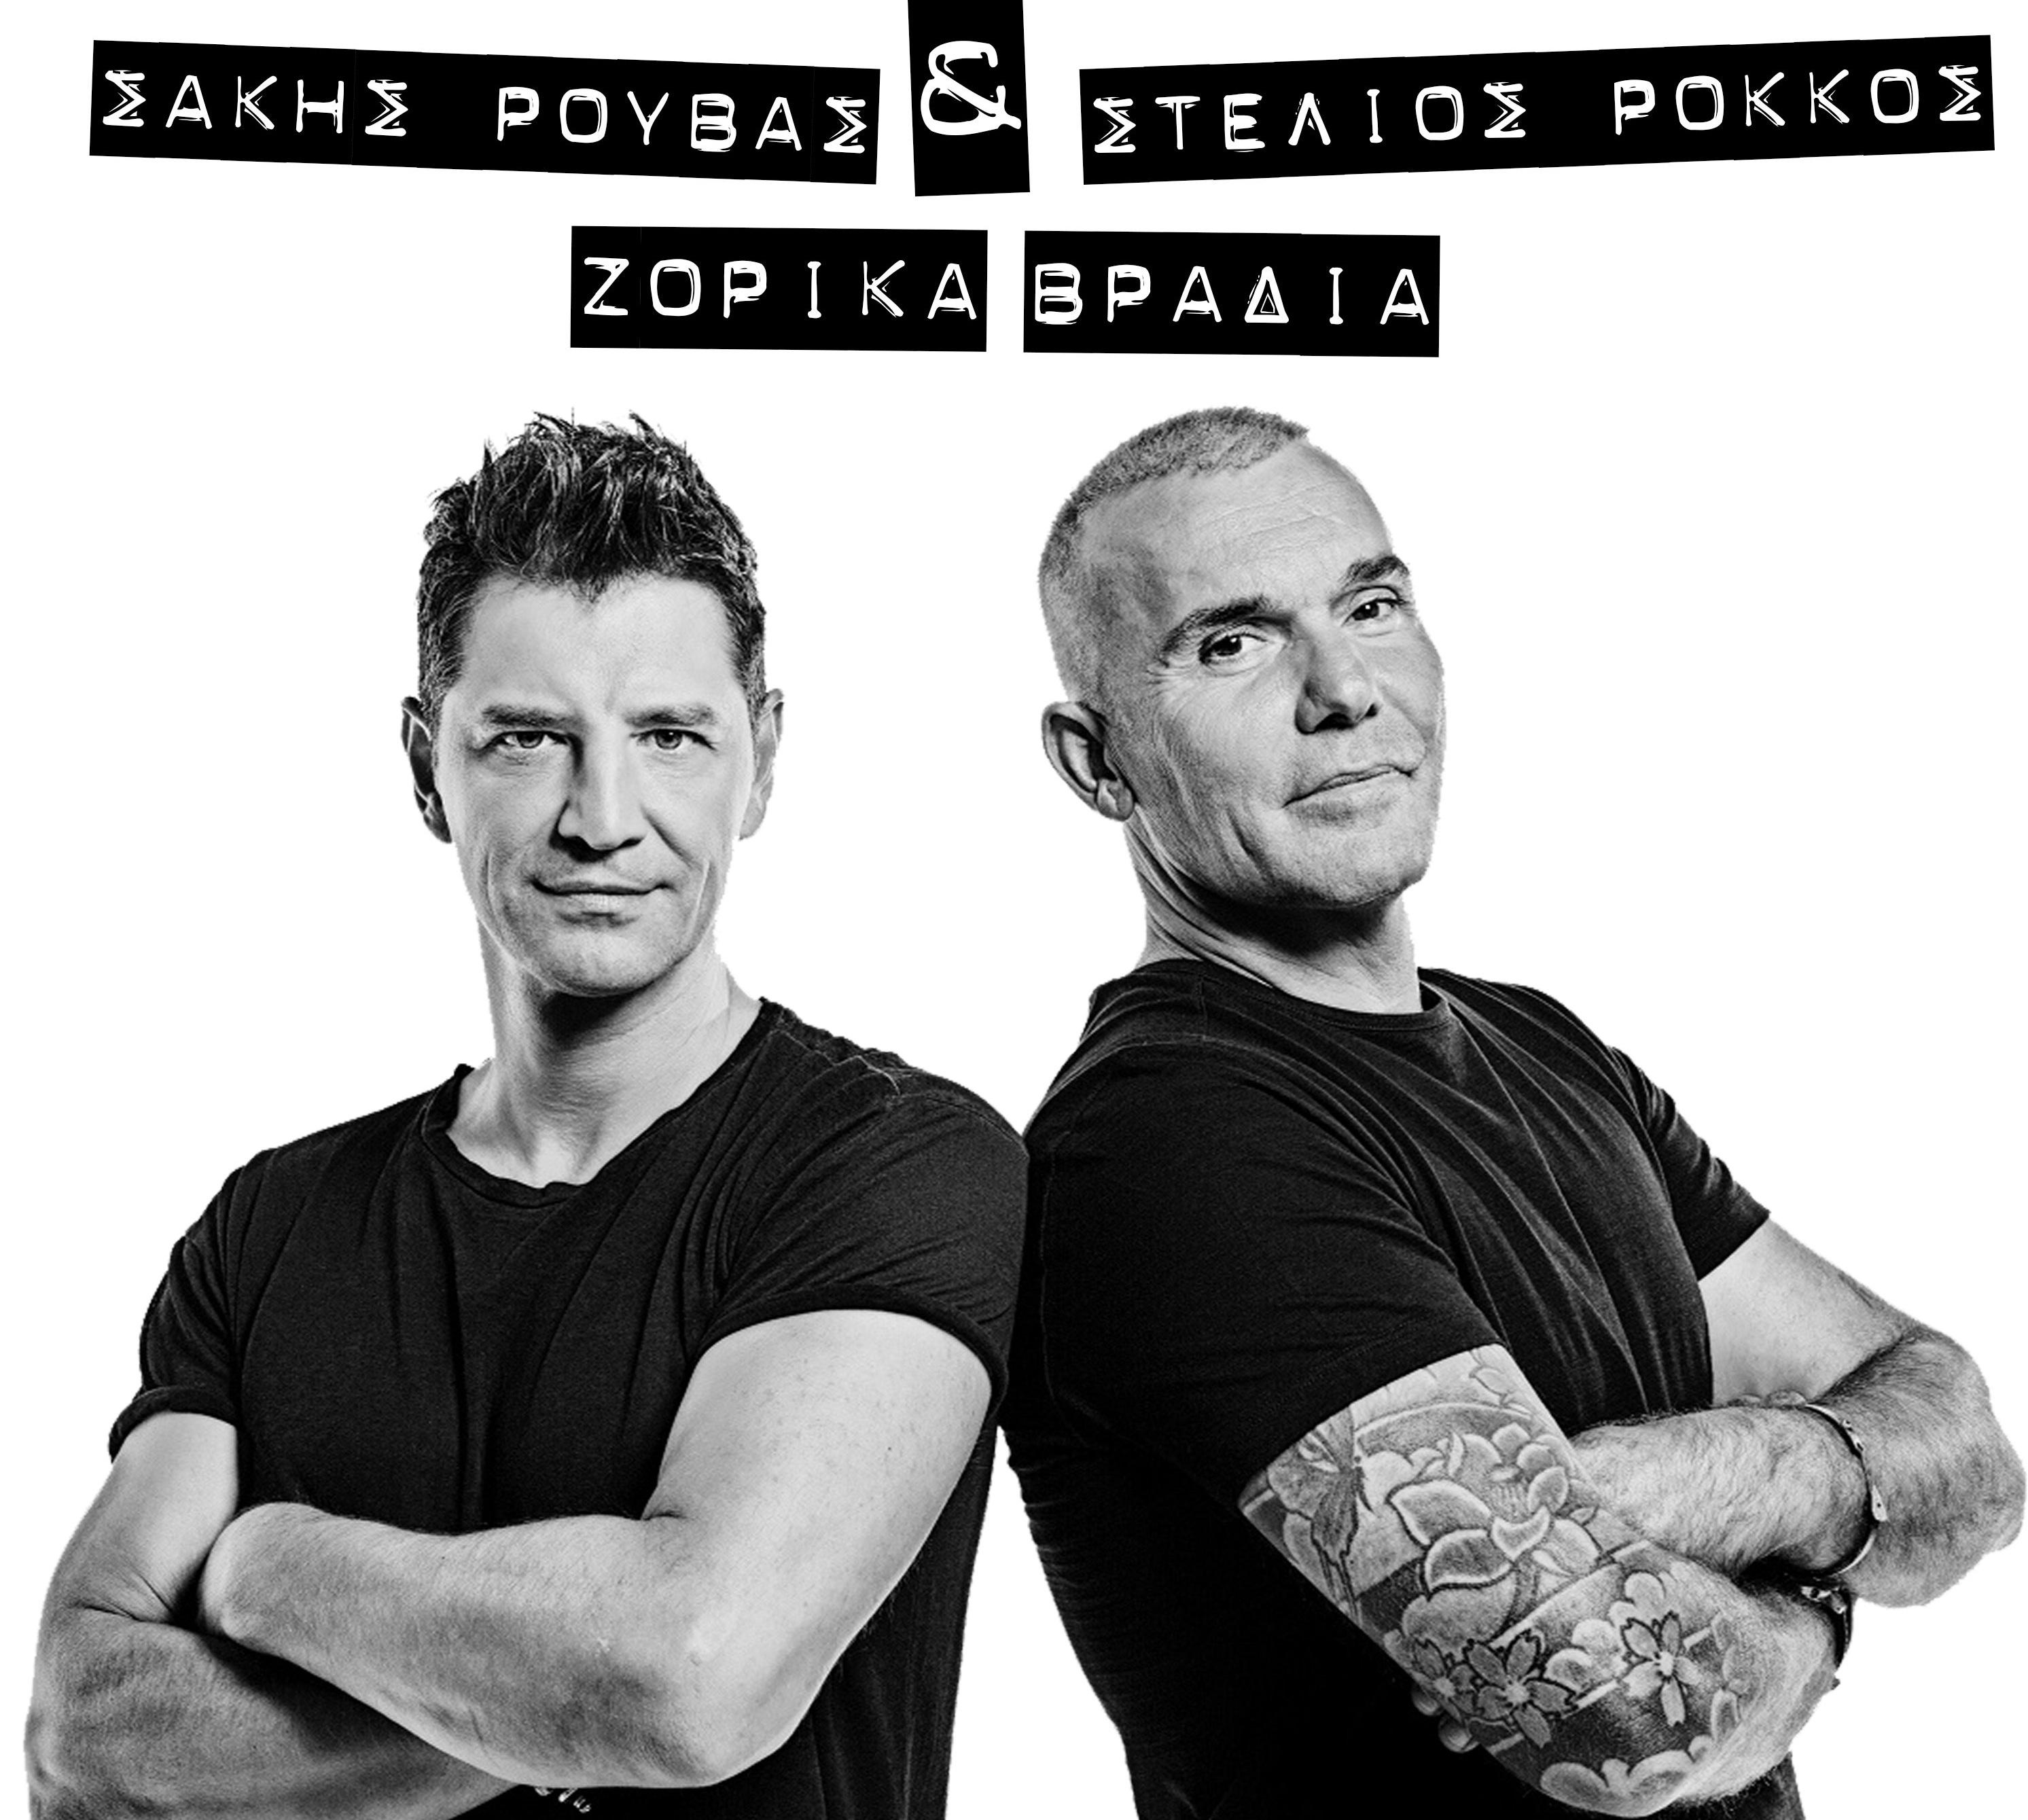 Σάκης Ρουβάς – Στέλιος Ρόκκος: Άκουσε το νέο τους ντουέτο! | tlife.gr